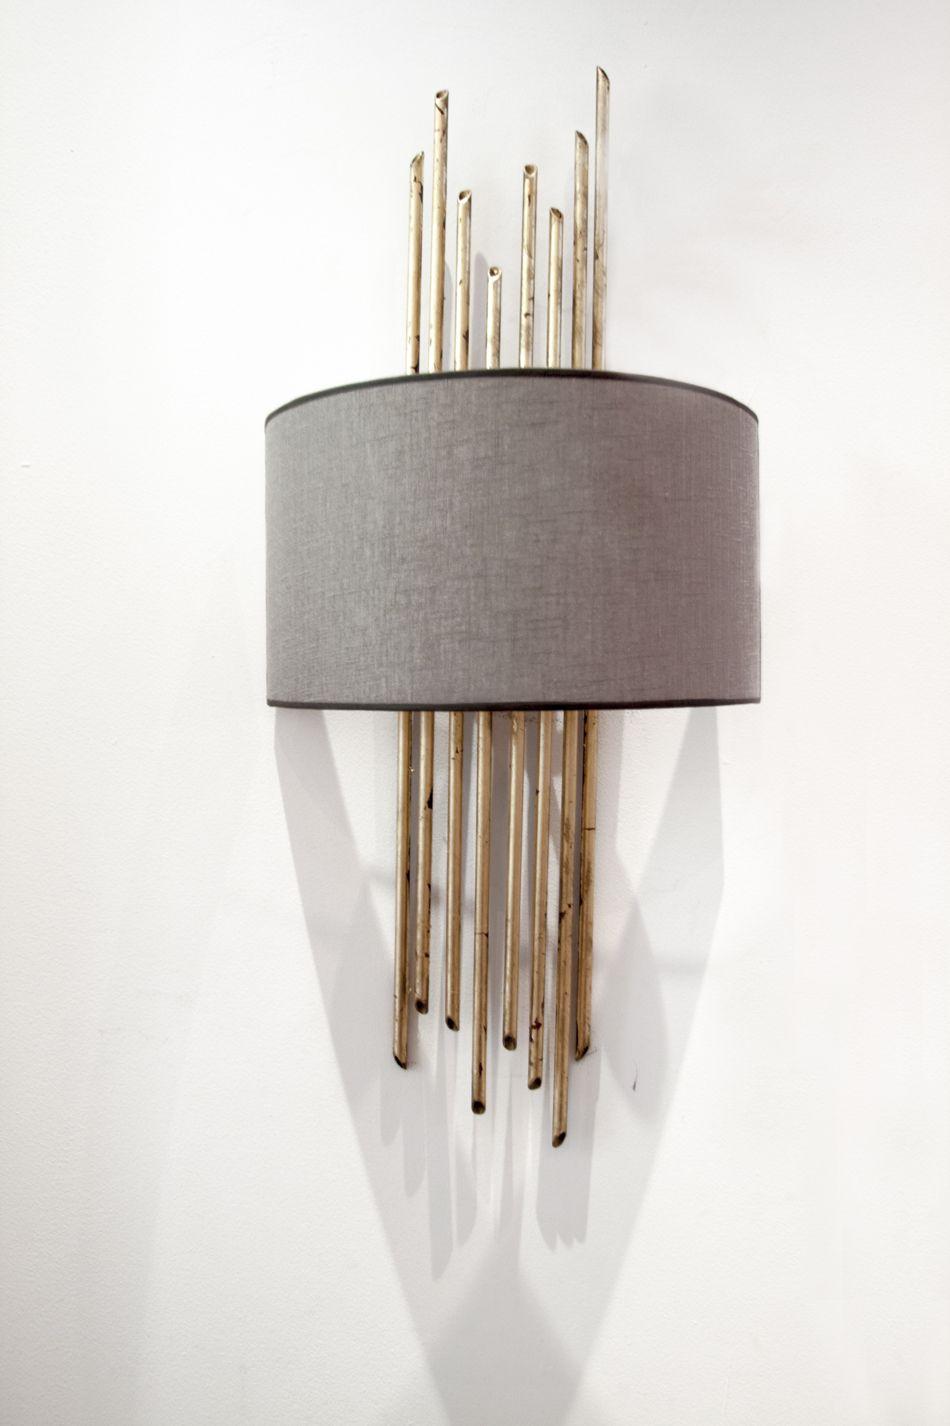 Lampara De Pared Color Dorado Aplique Bambu Hierro Iron Wall Lamp Golden Color Bamboo Overlay Lampara De Pared Apliques De Pared